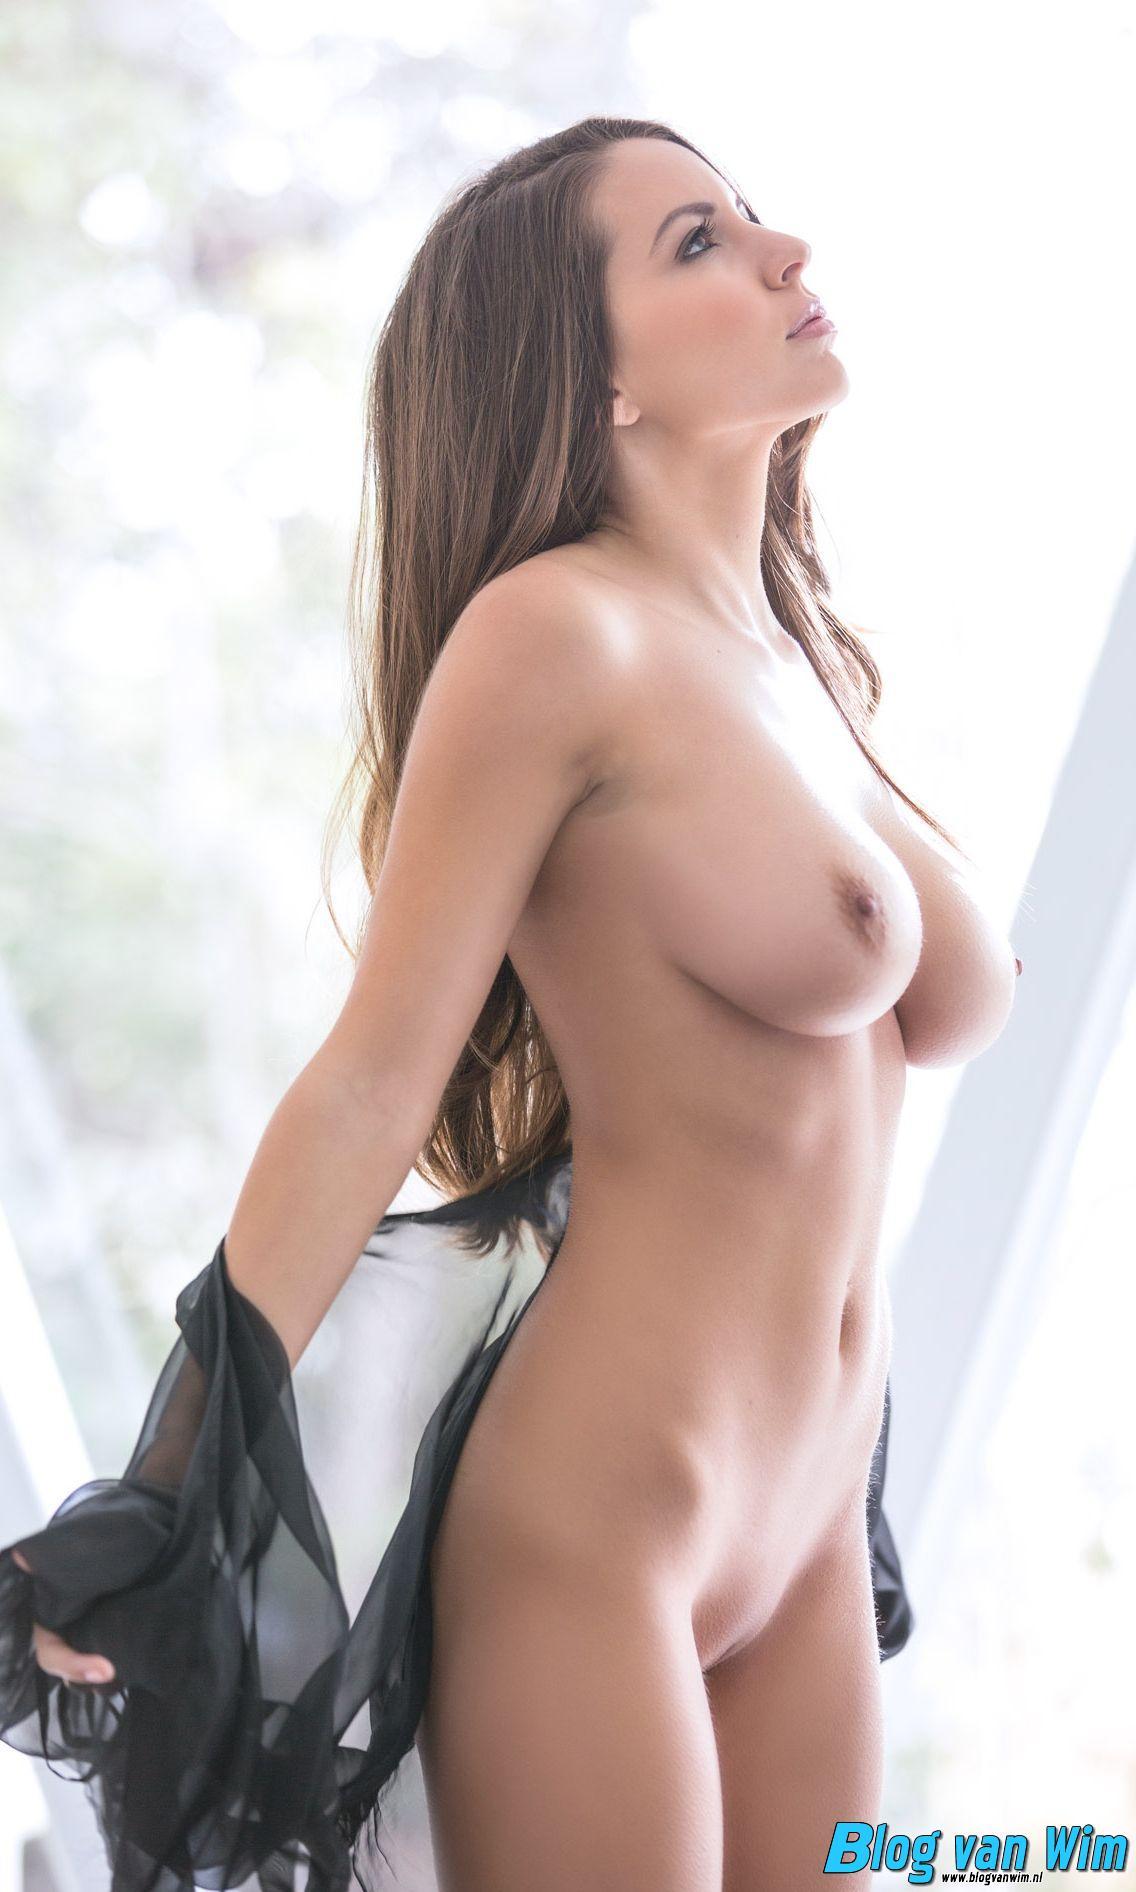 Beeldschoon vrouwtje met een stel heerlijke borsten!